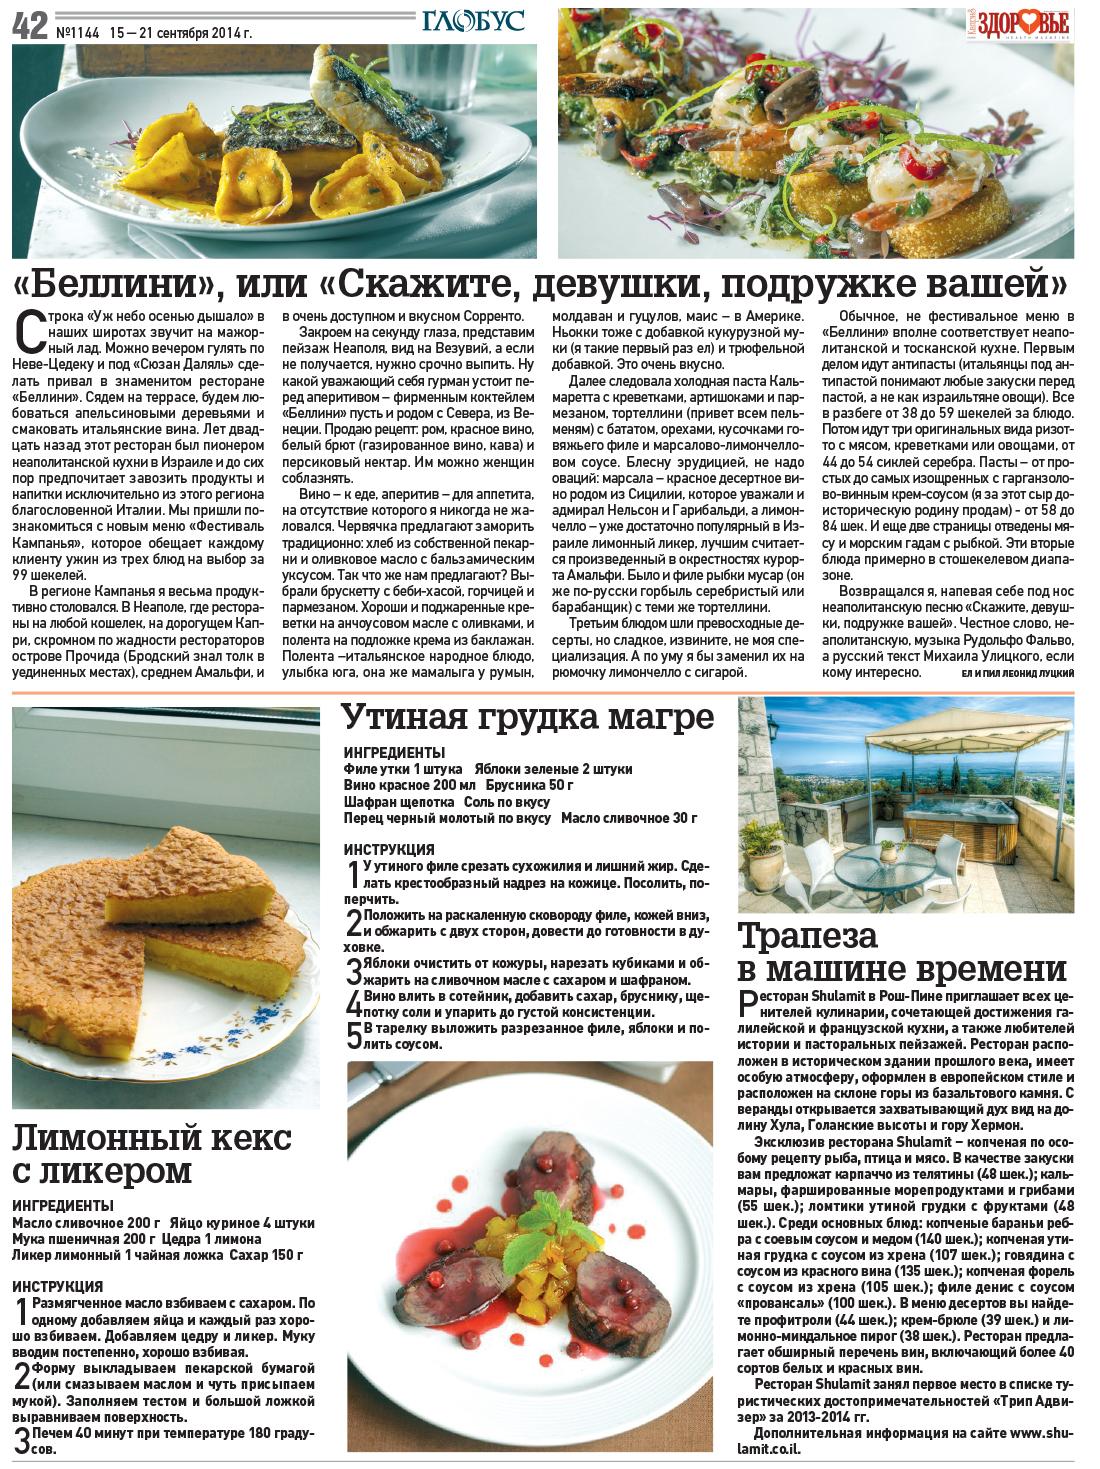 עיתון-רוסי-ספוטניק.jpg